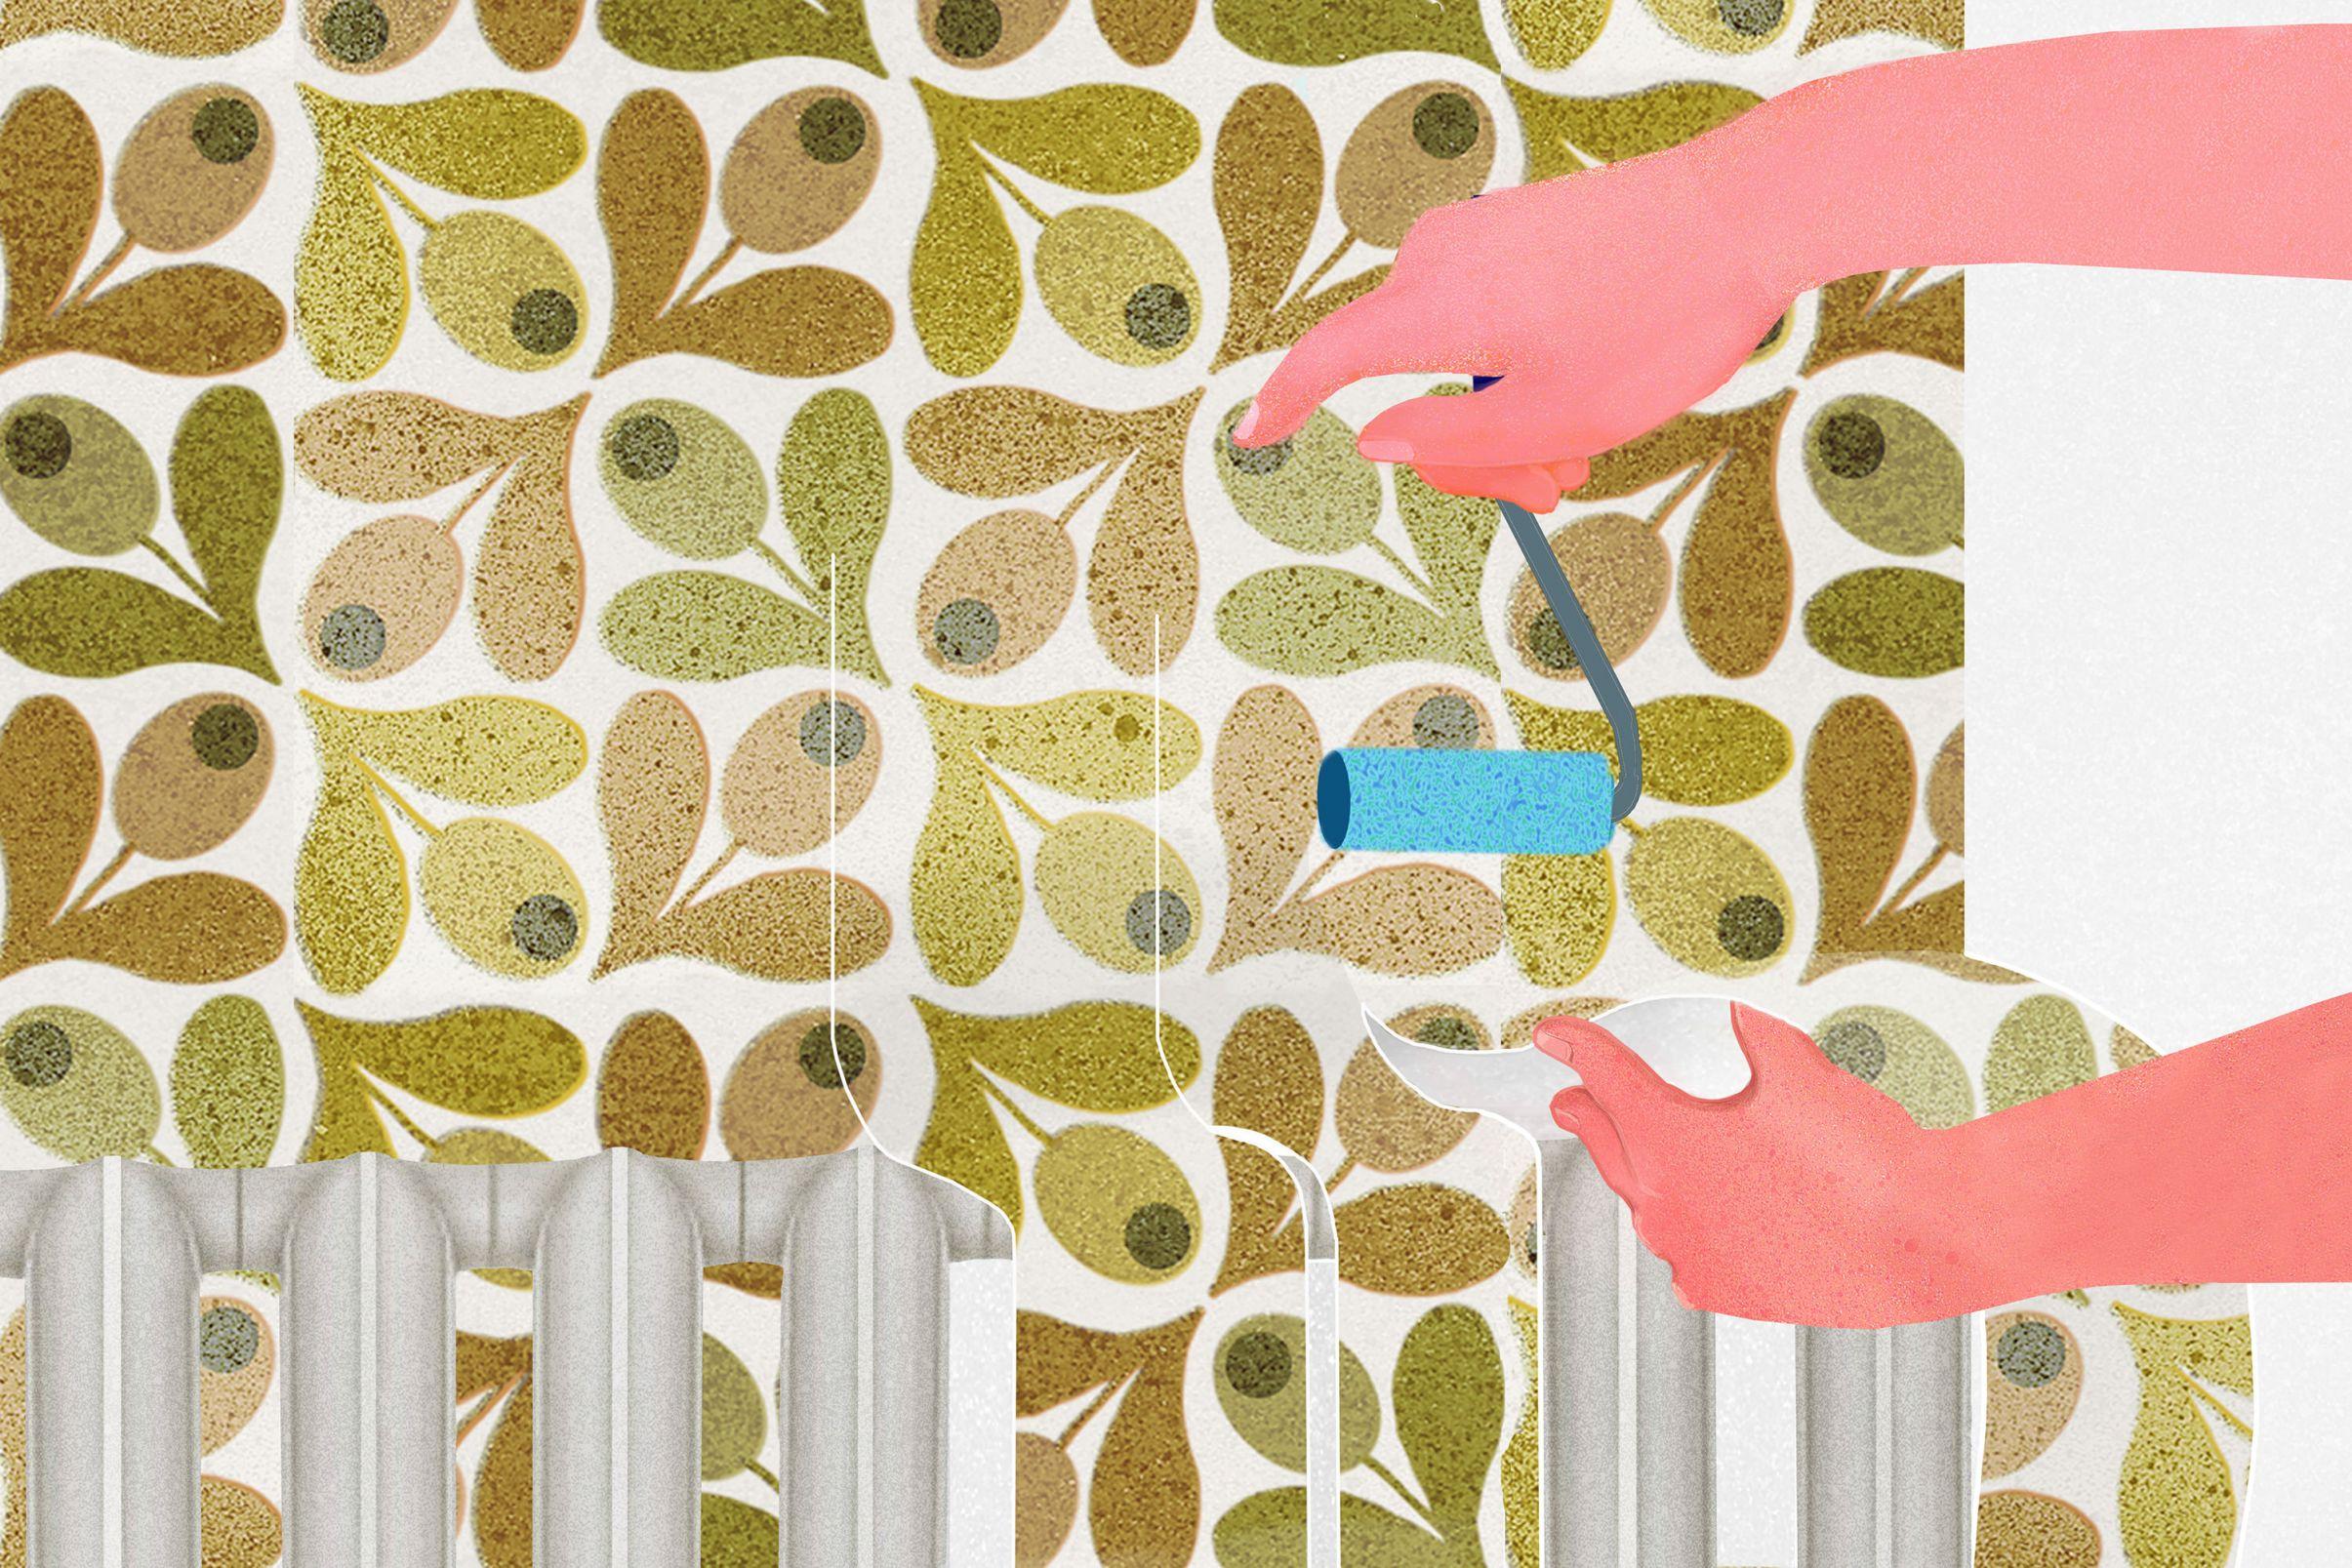 Comment-tapisser-derriere-les-radiateurs-Coupez-des-bandes-individuelles-et-appliquez-les-sur-le-mur-derriere-le-radiateur